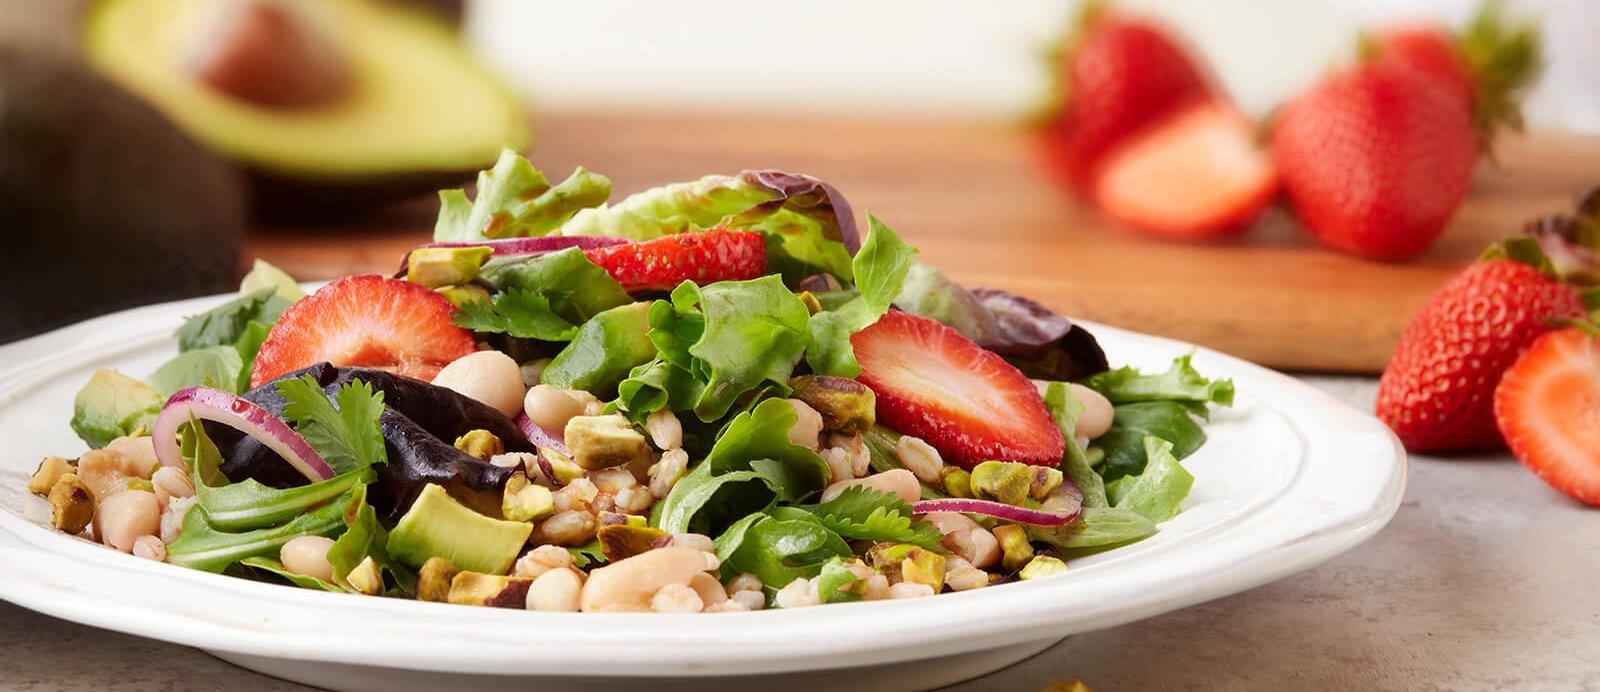 Strawberry-Pistachcio-Salad1660-e1496692111518.jpg